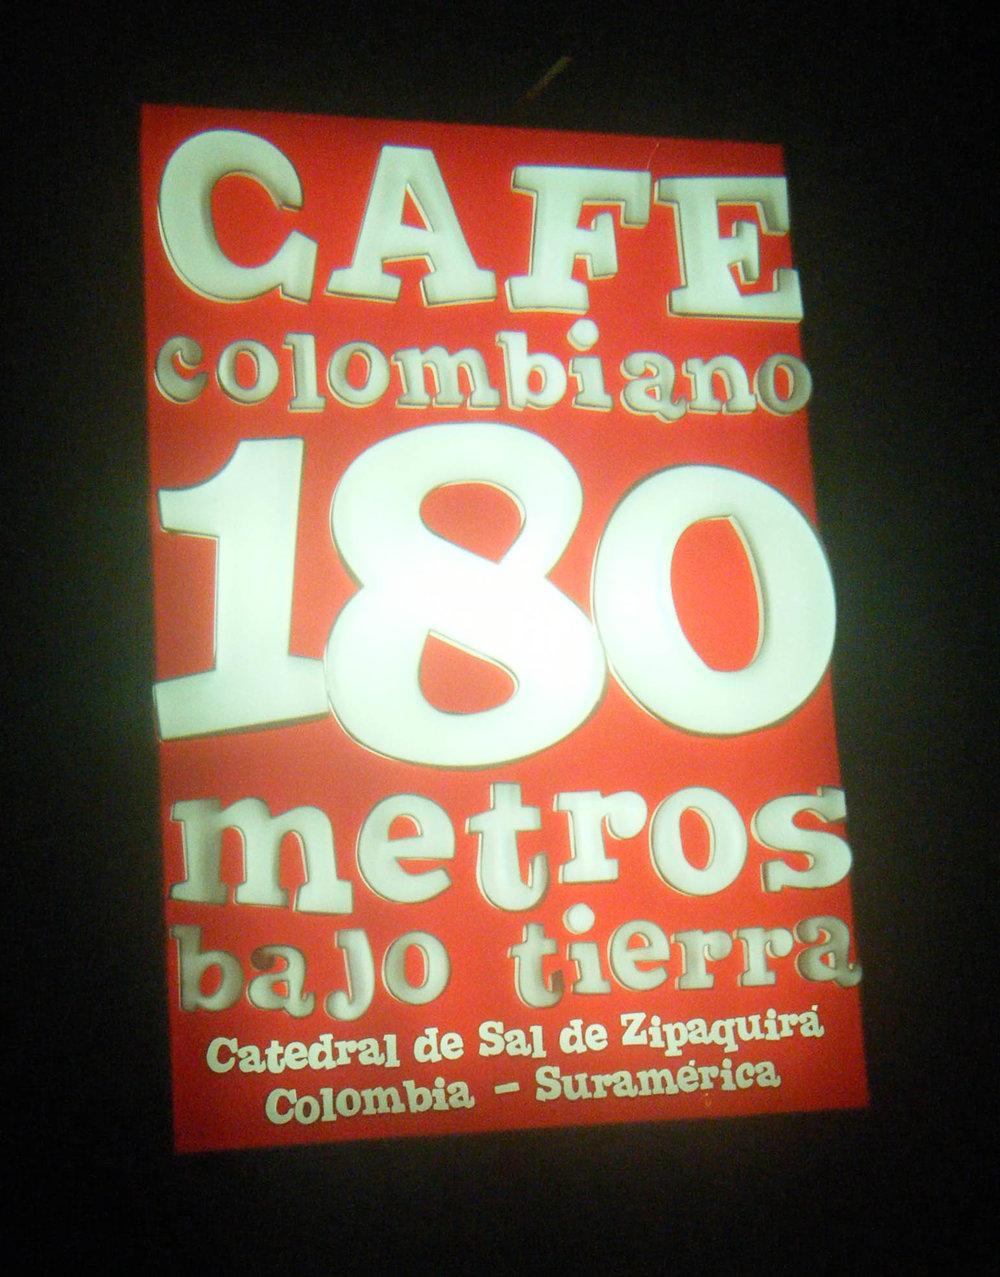 underground cafe.jpg